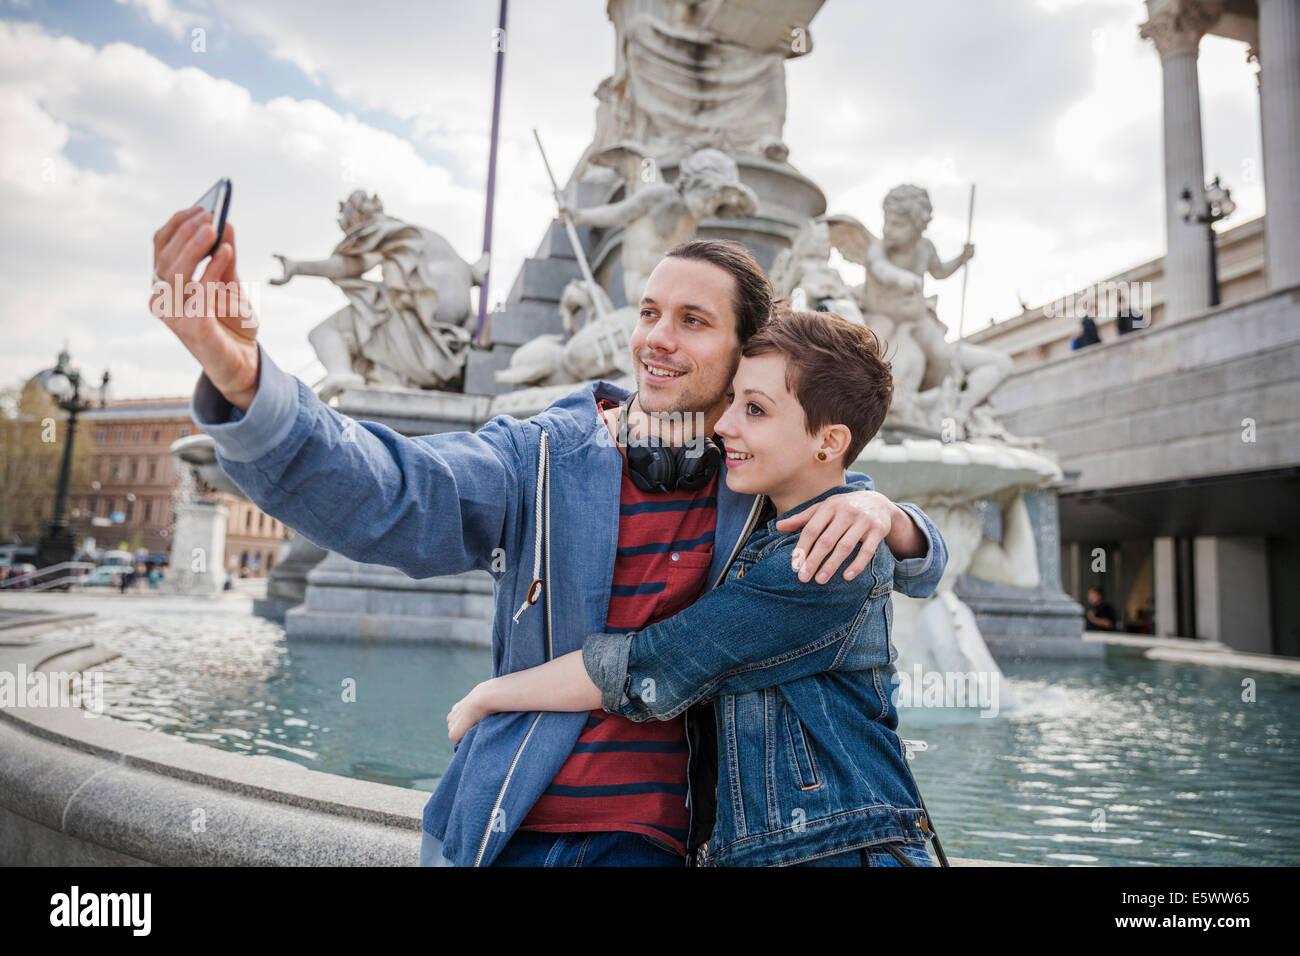 Adulto joven pareja tomando imagen de sí mismos, Viena, Austria Imagen De Stock